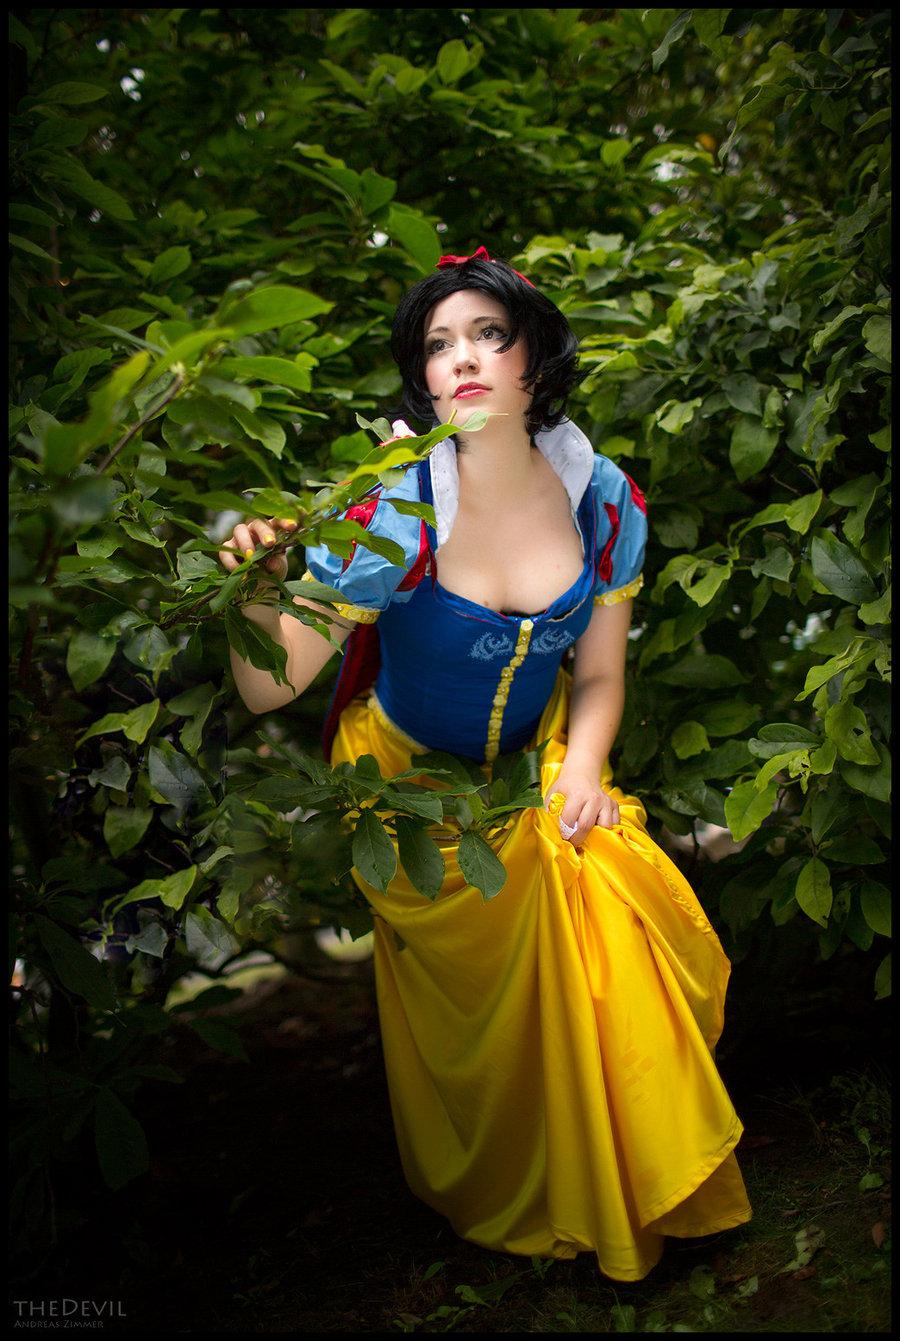 Snow White byRanma2020| Photo byThedevil1412